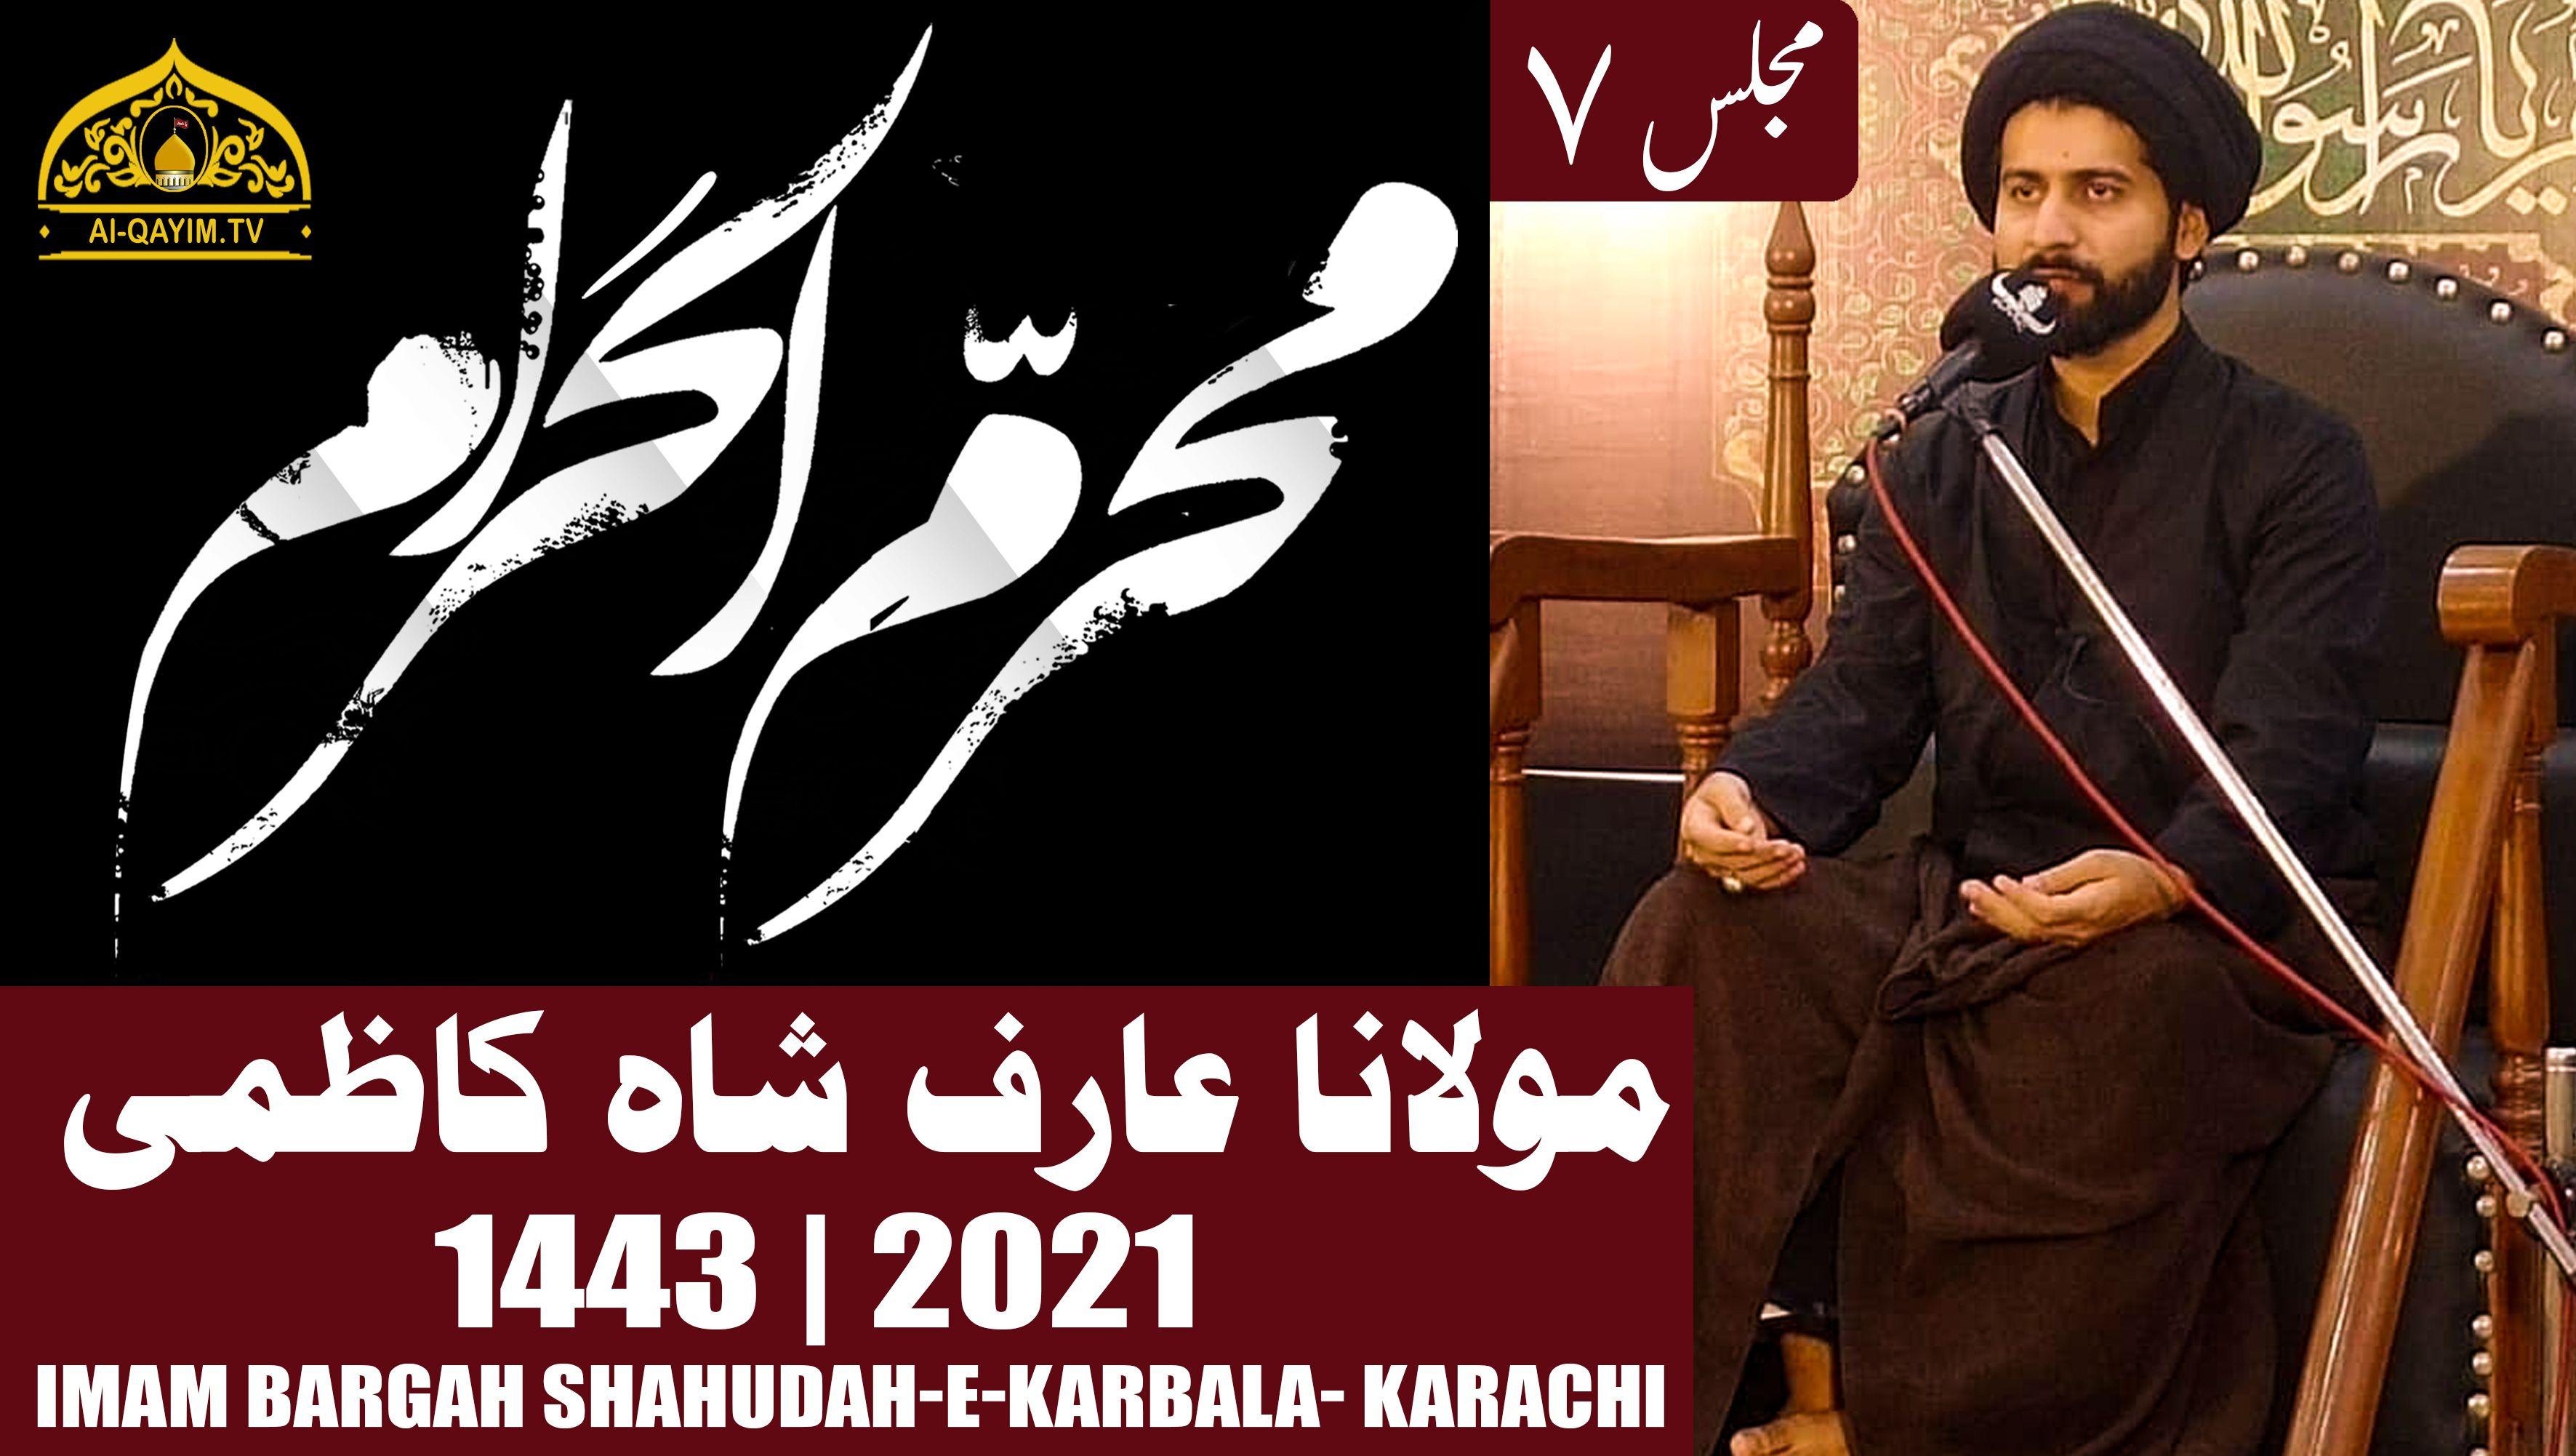 7th Muharram Majlis 1442/2021 | Moulana Arif Shah Kazmi - Imam Bargah Shuhdah-e-Karbala, Karachi